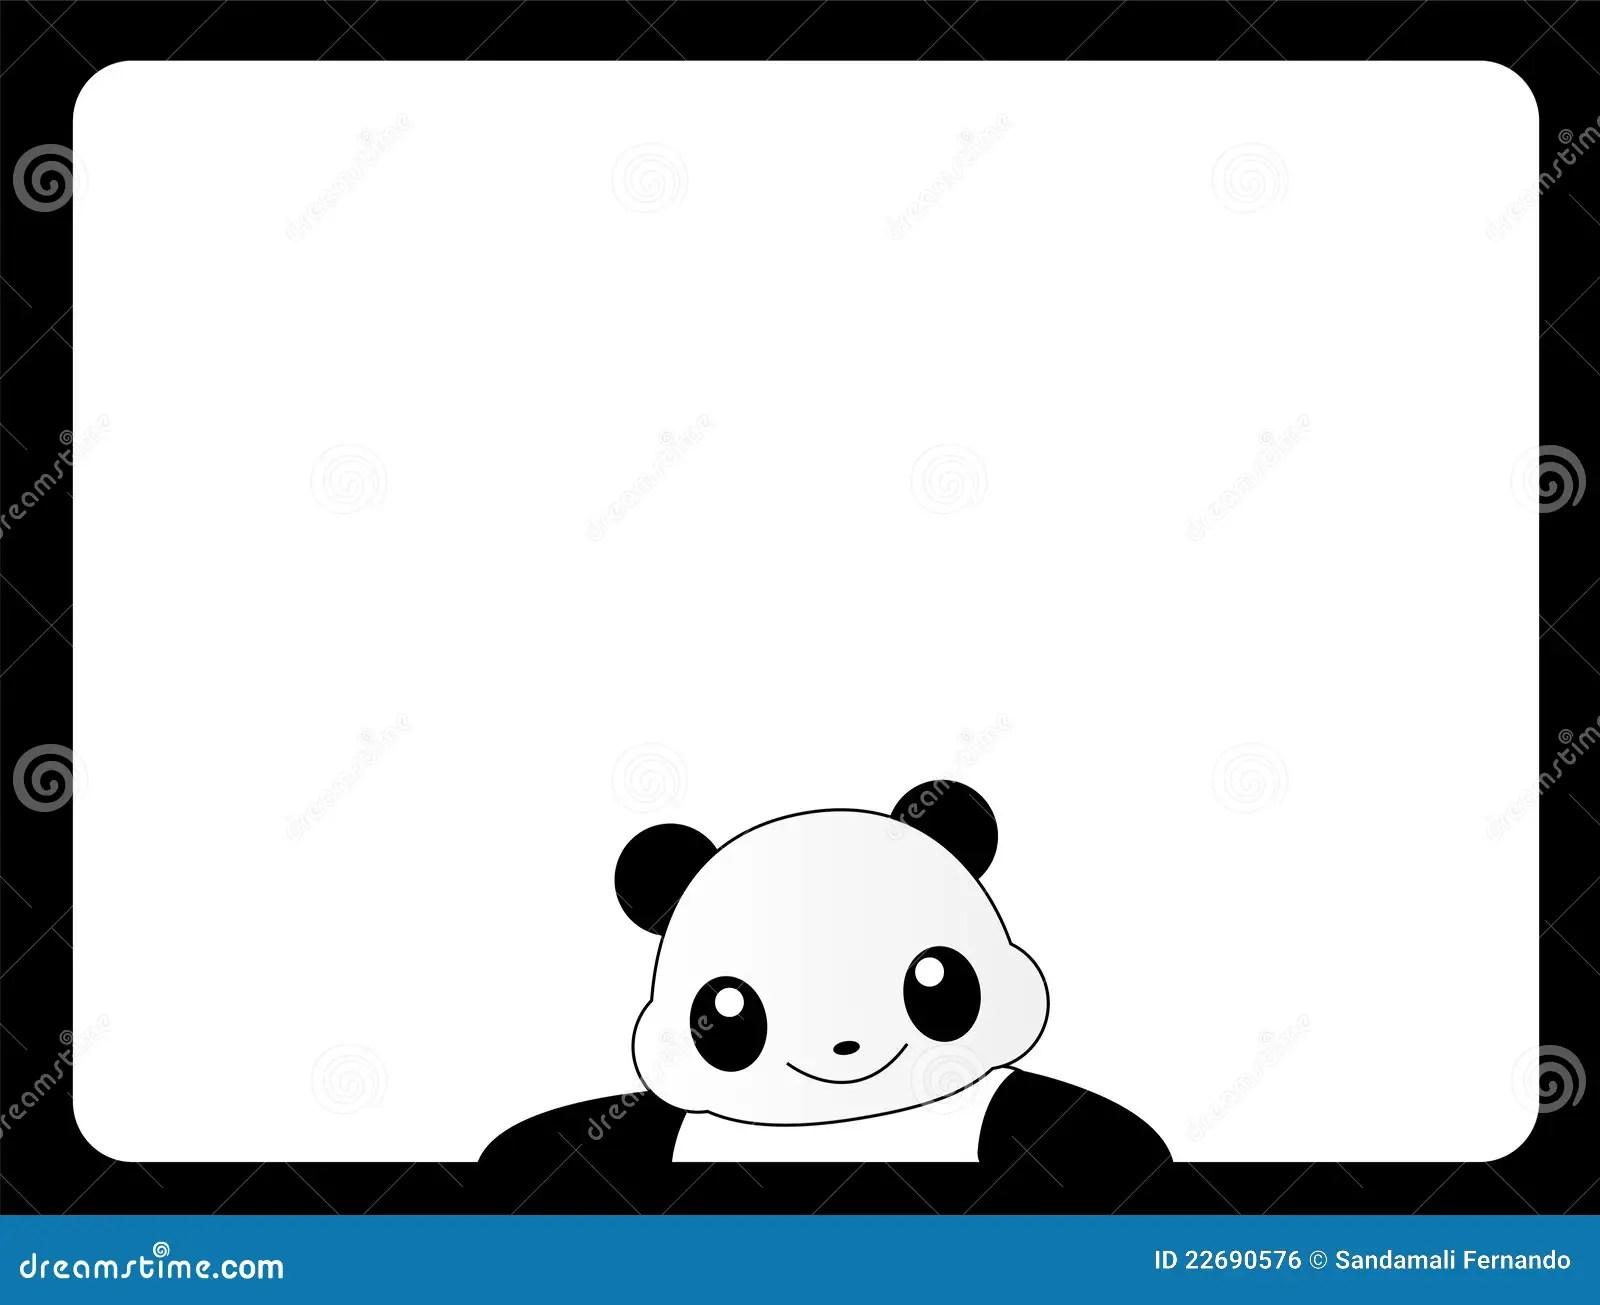 animal frame panda stock